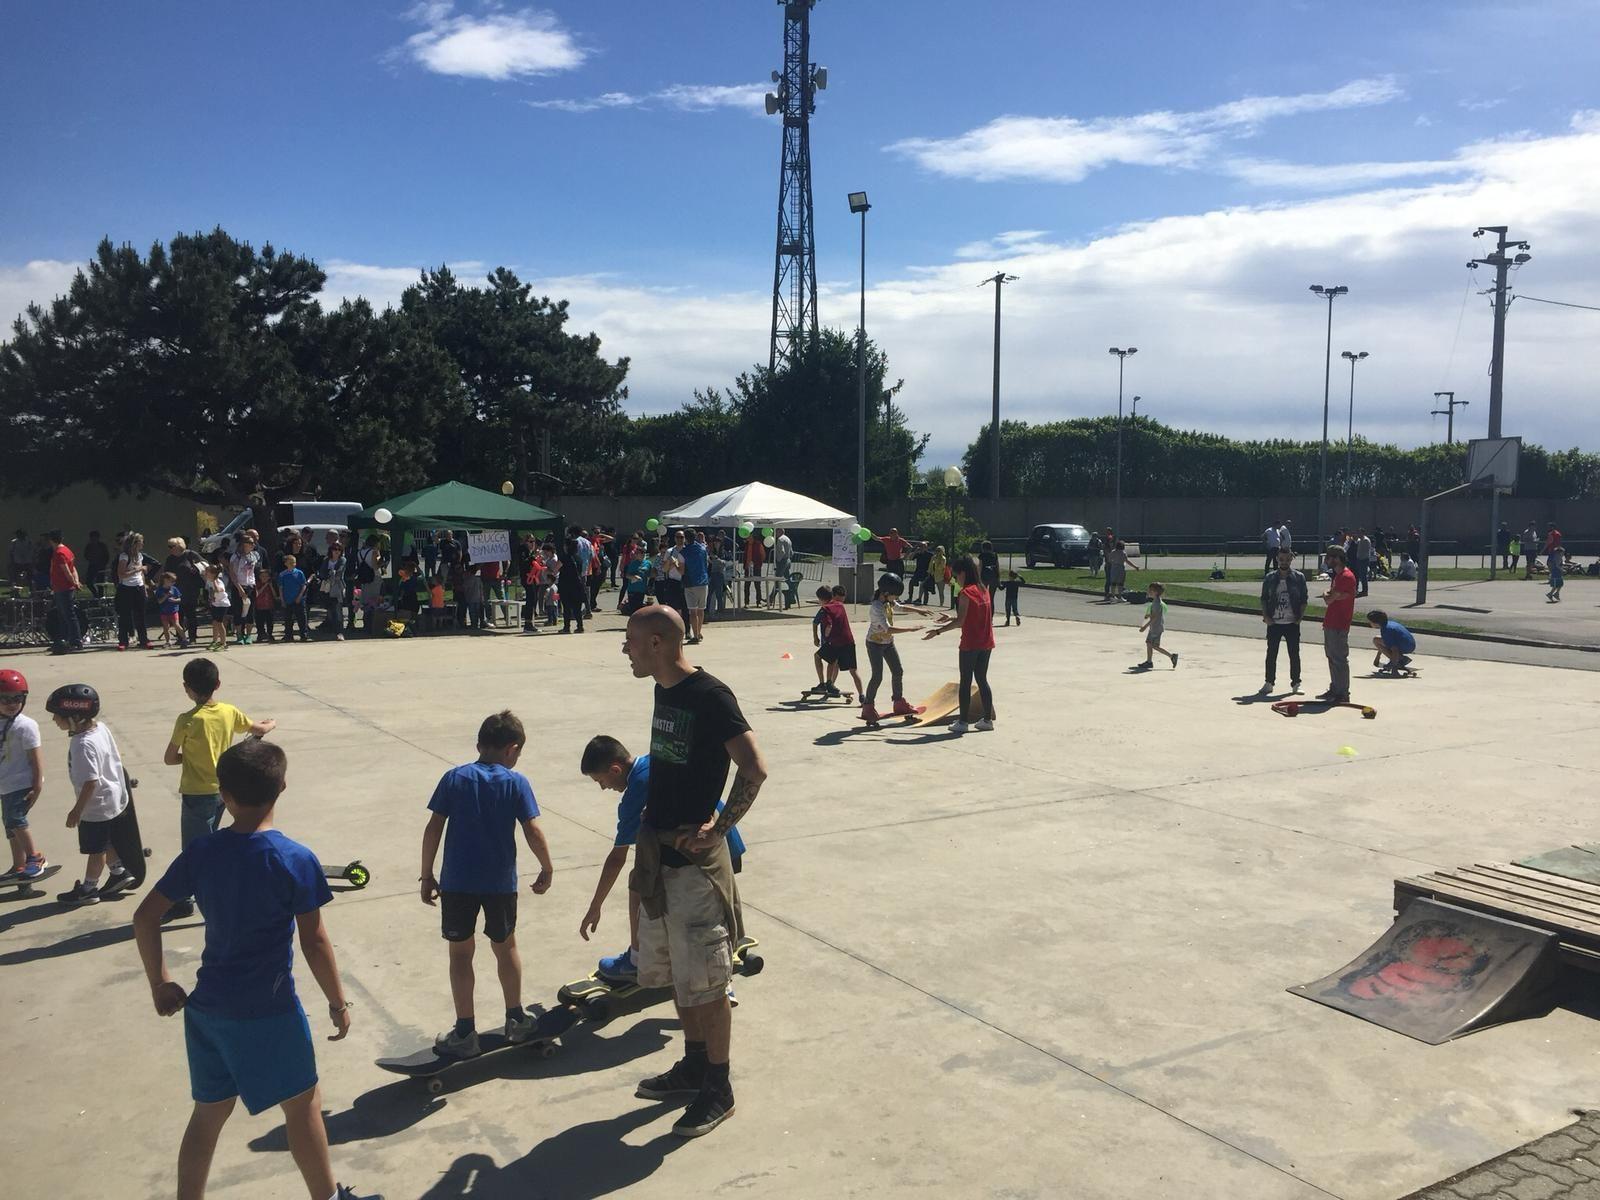 RIVAROLO - Il Poli per Dynamo Camp, giornata benefica delle associazioni